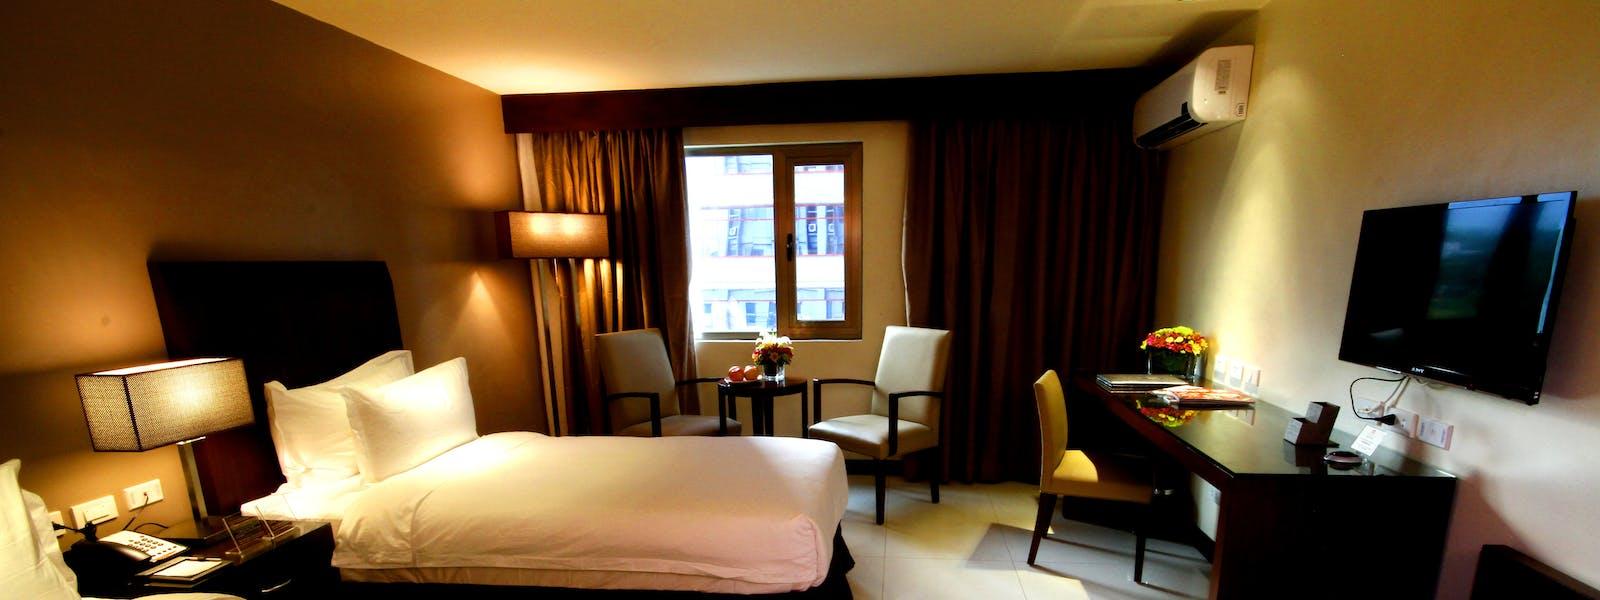 Mandarin plaza hotel - Mandarin hotel cebu swimming pool ...